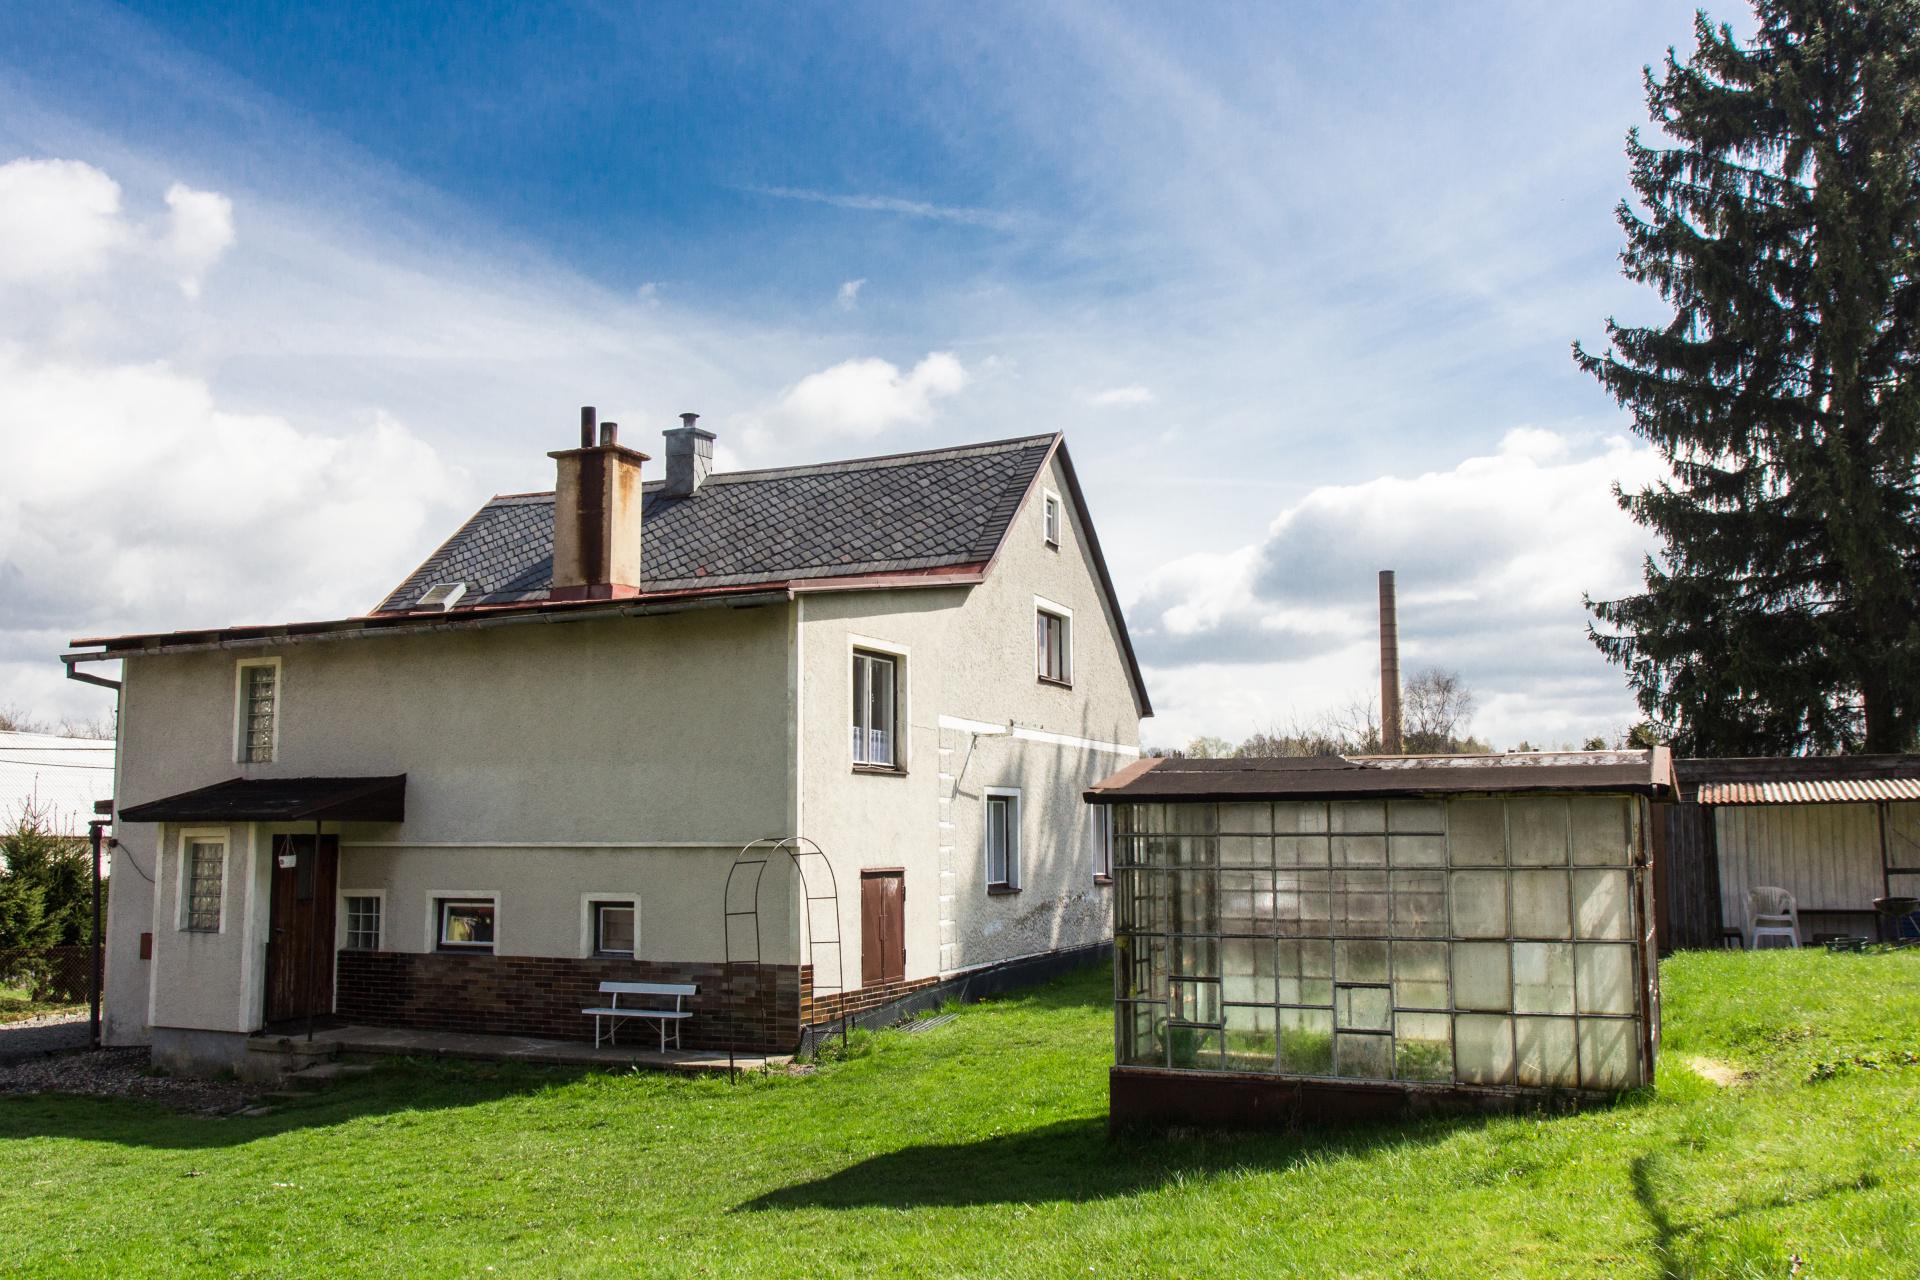 Domek ze zahrady